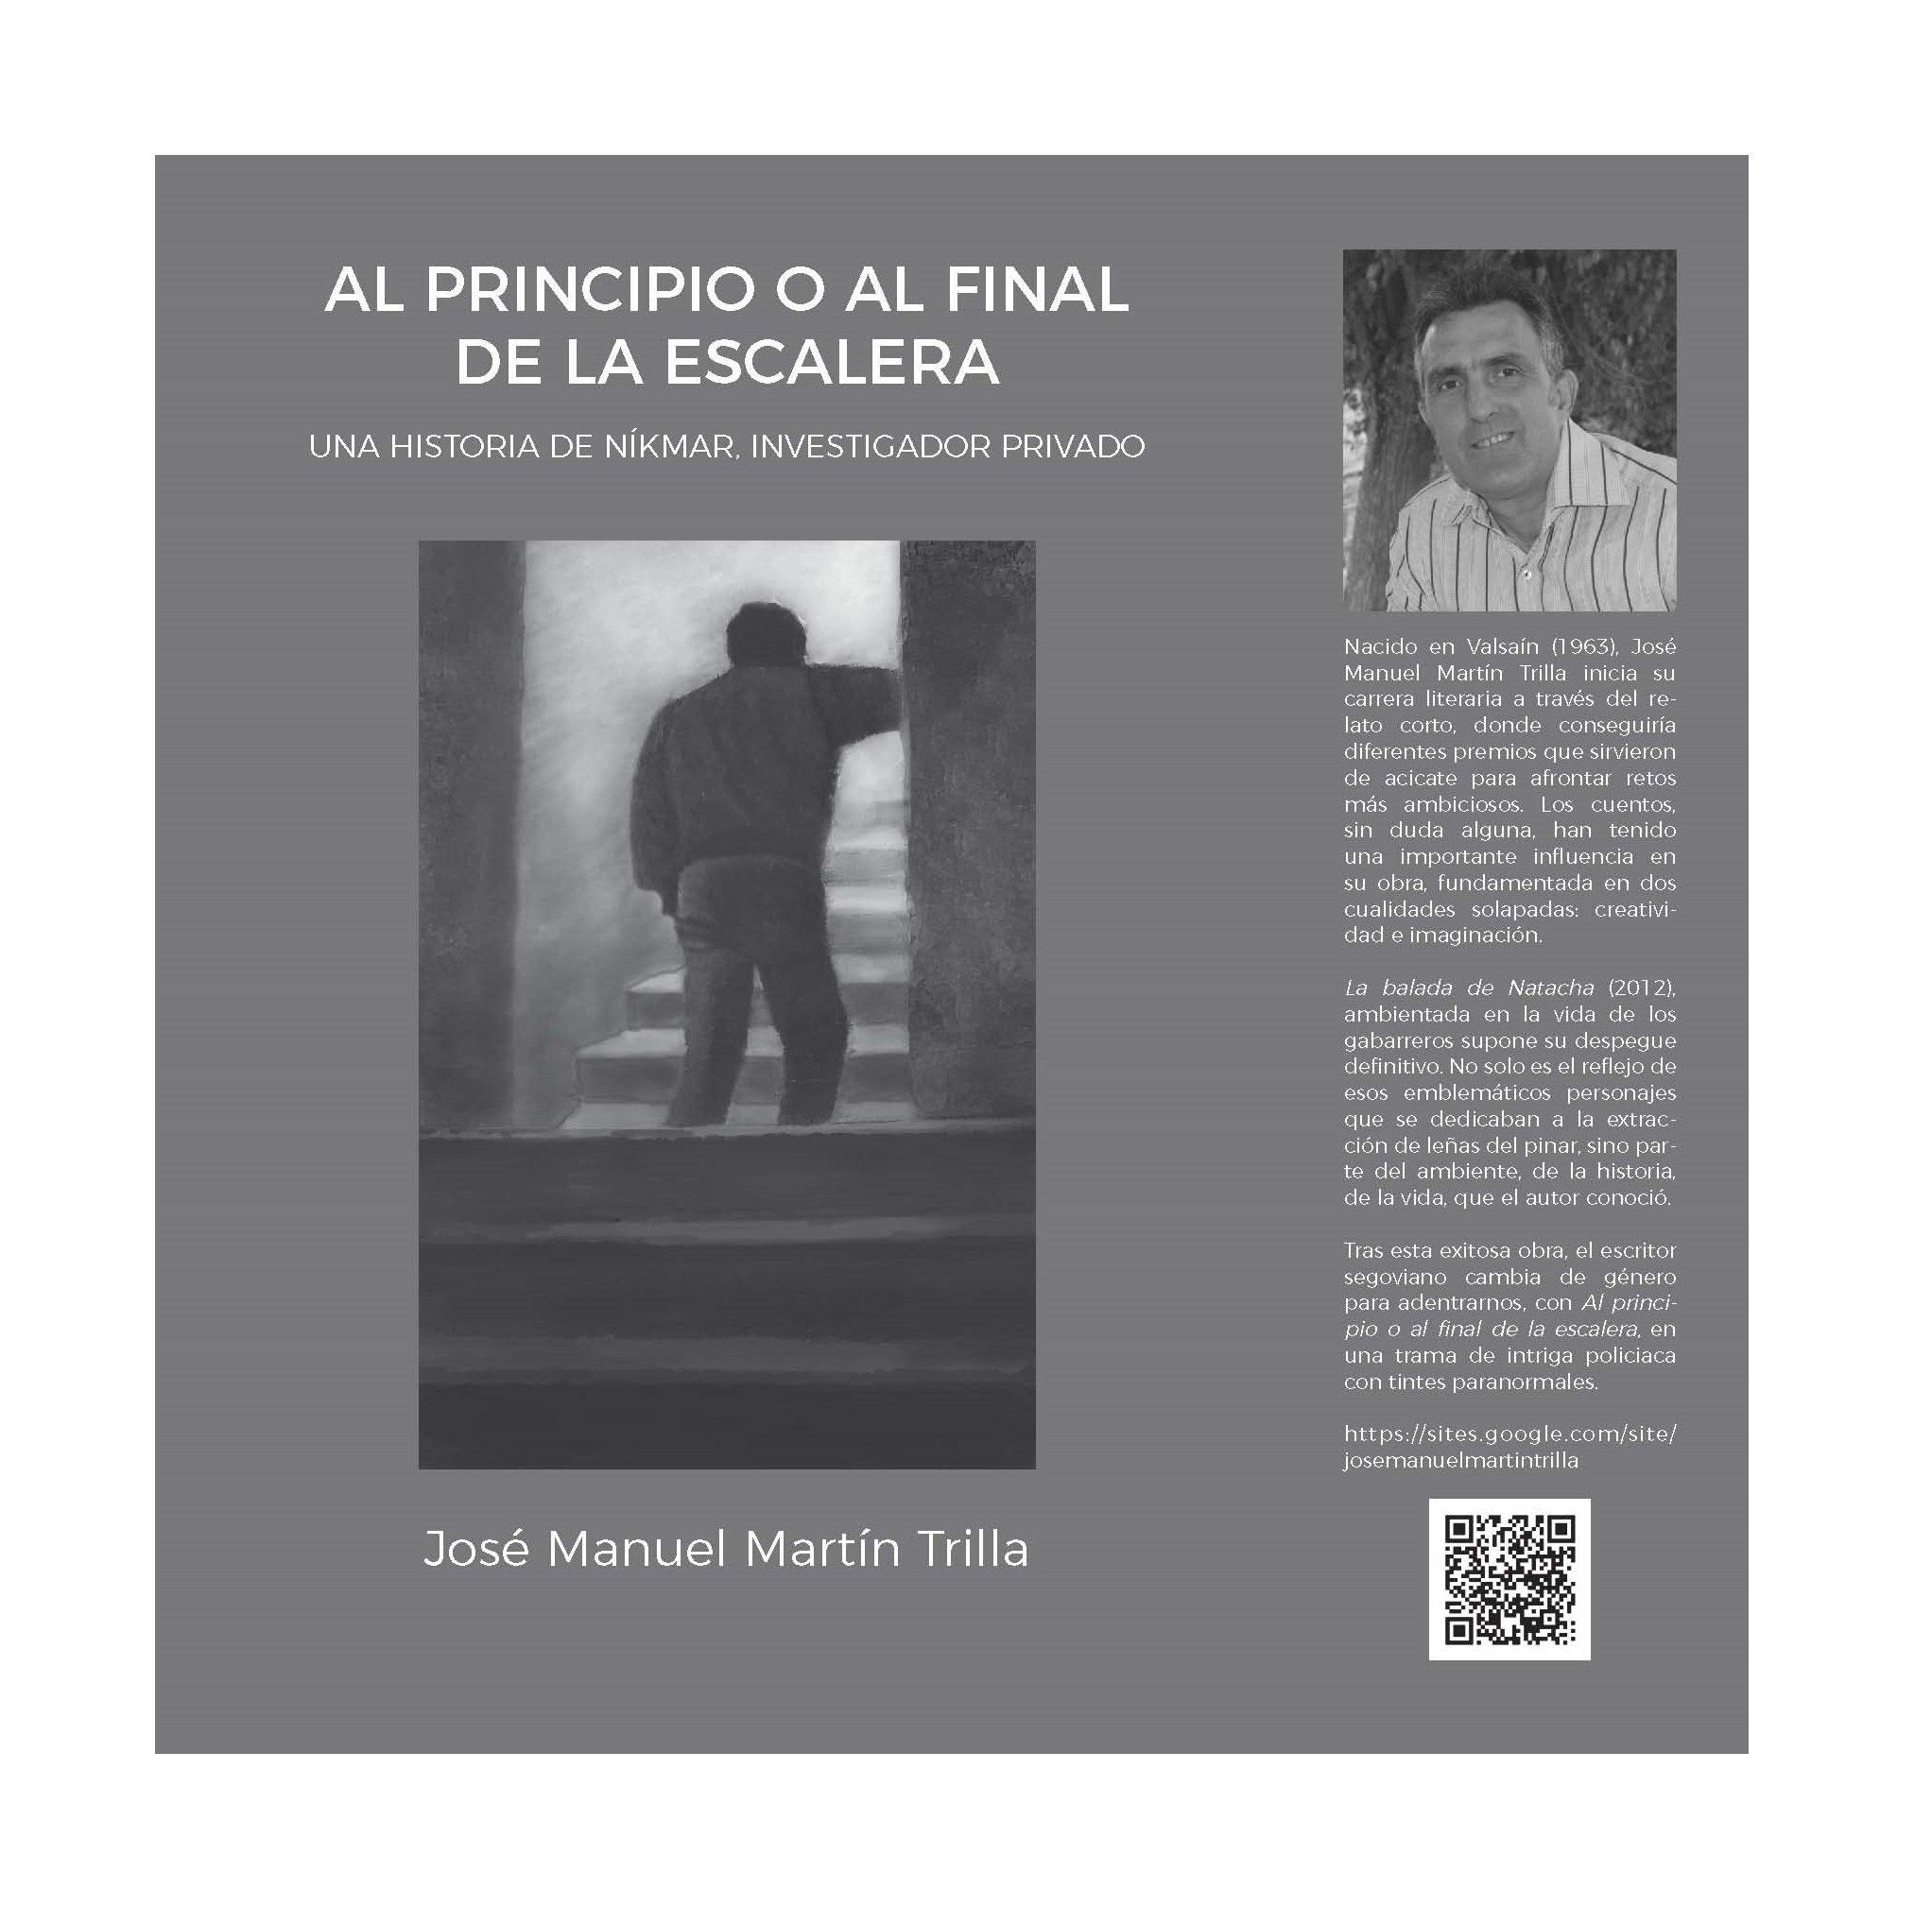 Al principio o al final de la escalera: Amazon.es: José Manuel: Libros